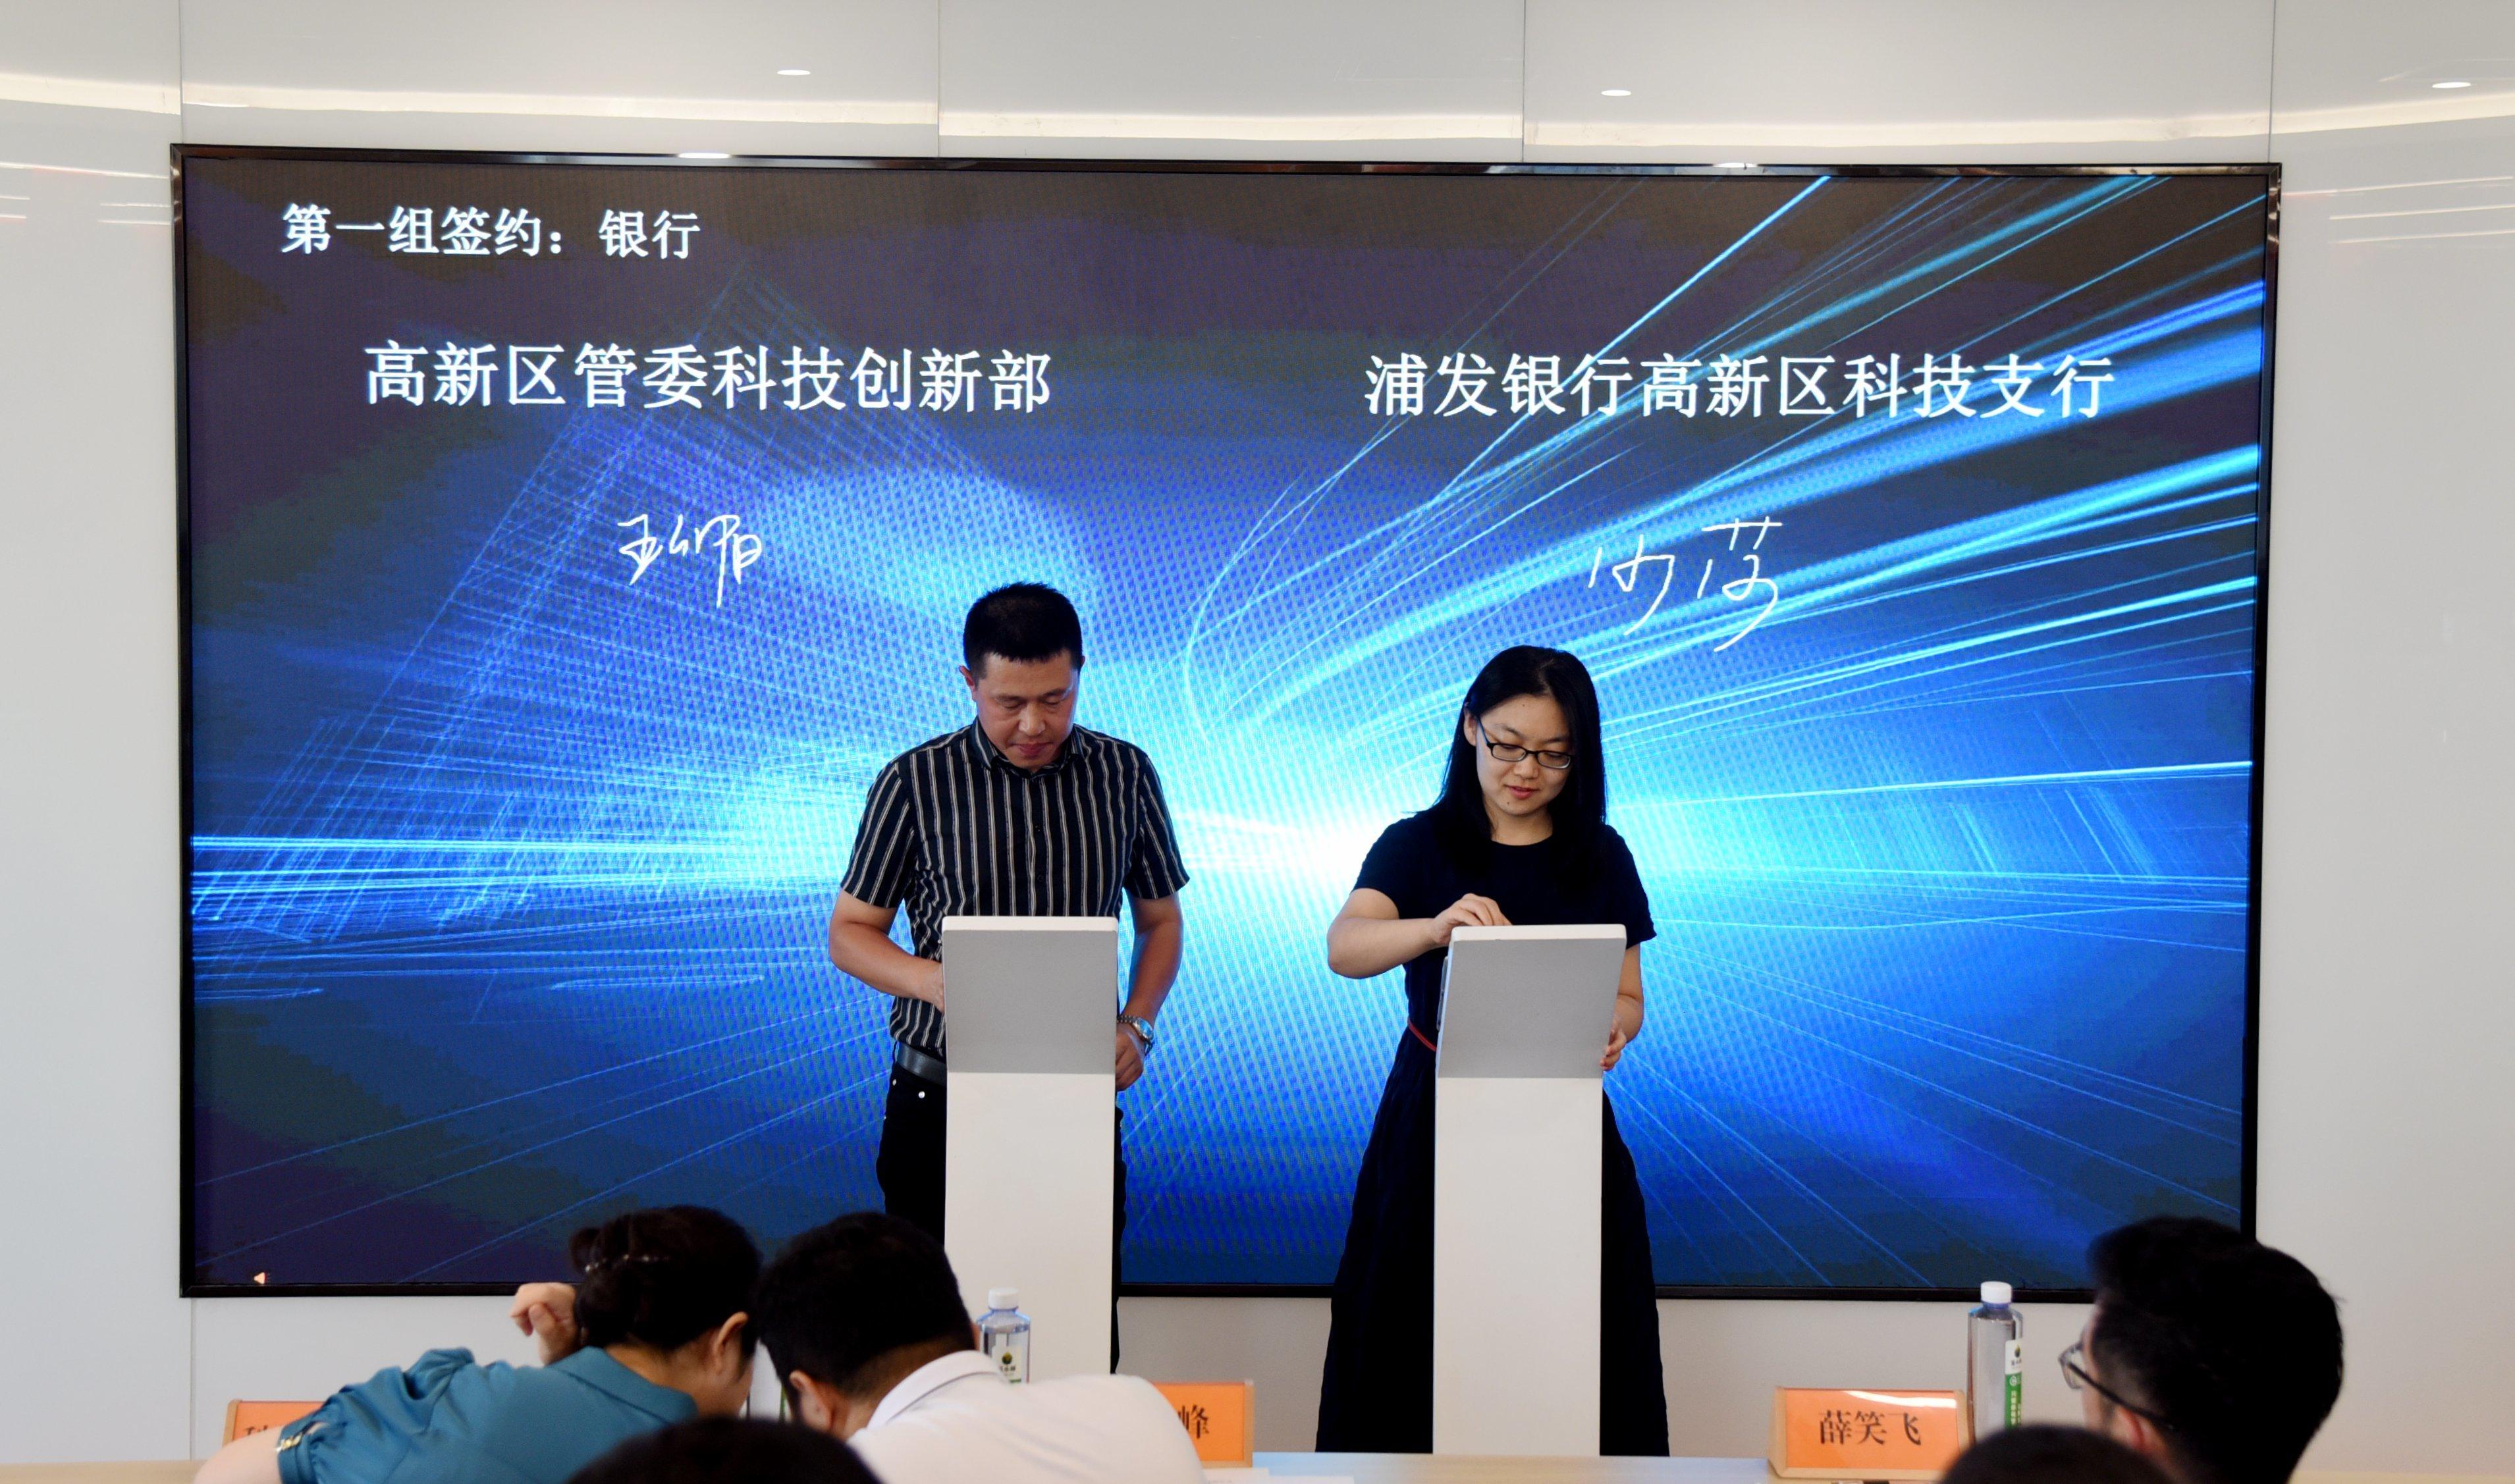 山东省唯一获批试点:青岛高新区实行企业创新积分制